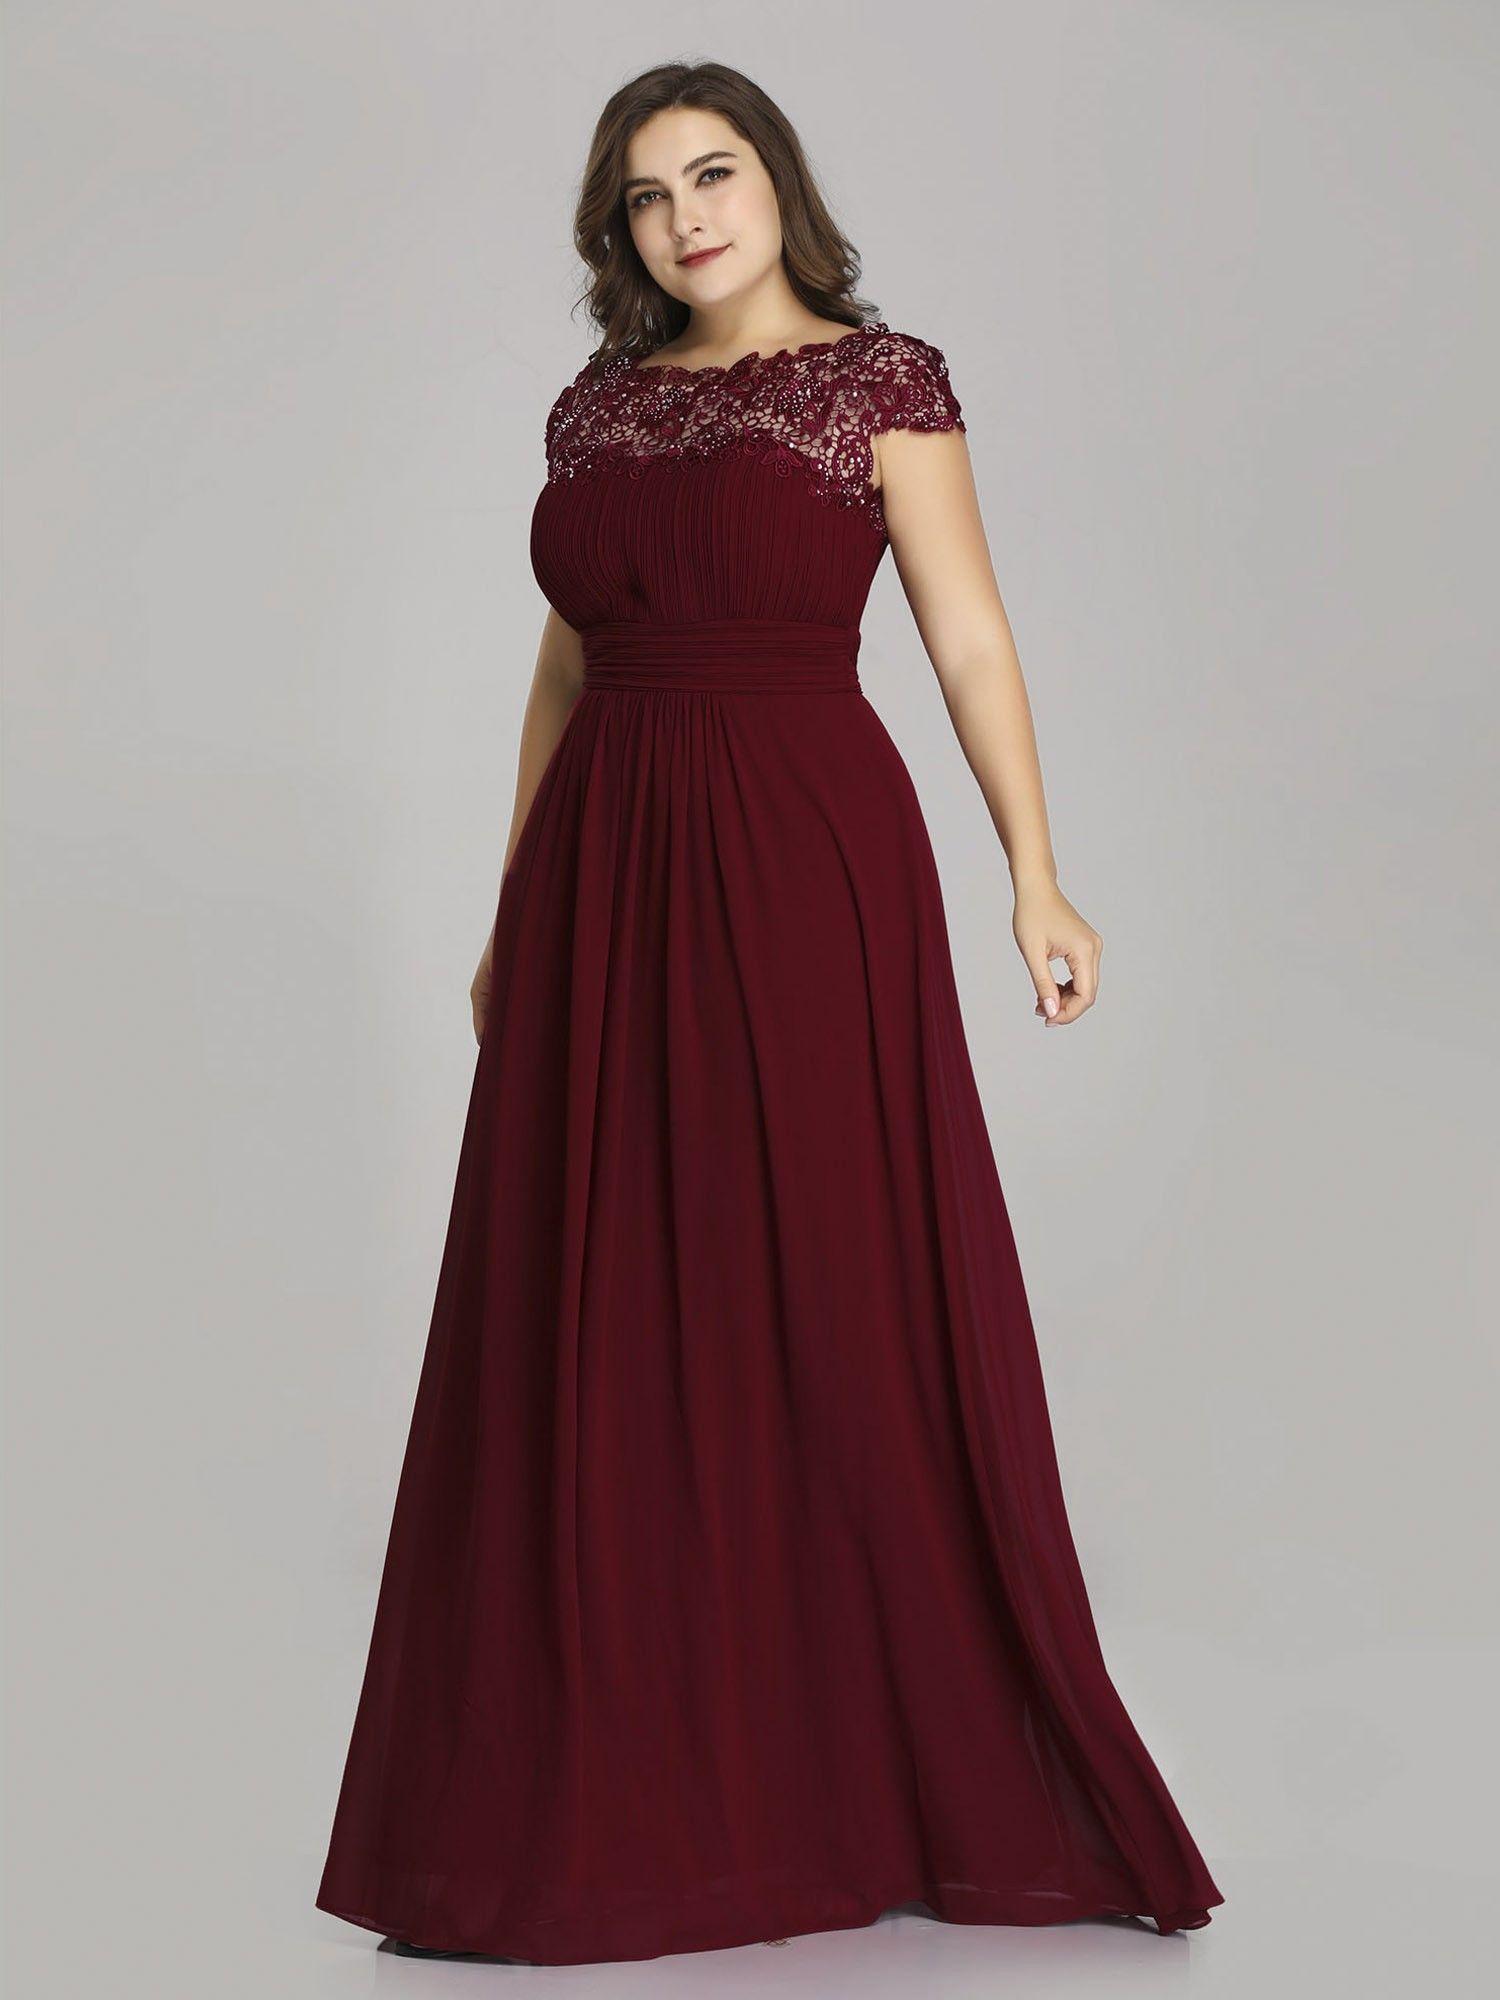 Maxi Long Lace Cap Sleeve Elegant Plus Size Evening Gowns Burgundy Bridesmaid Dresses Plus Size Evening Gown Bridesmaid Dresses Long Lace